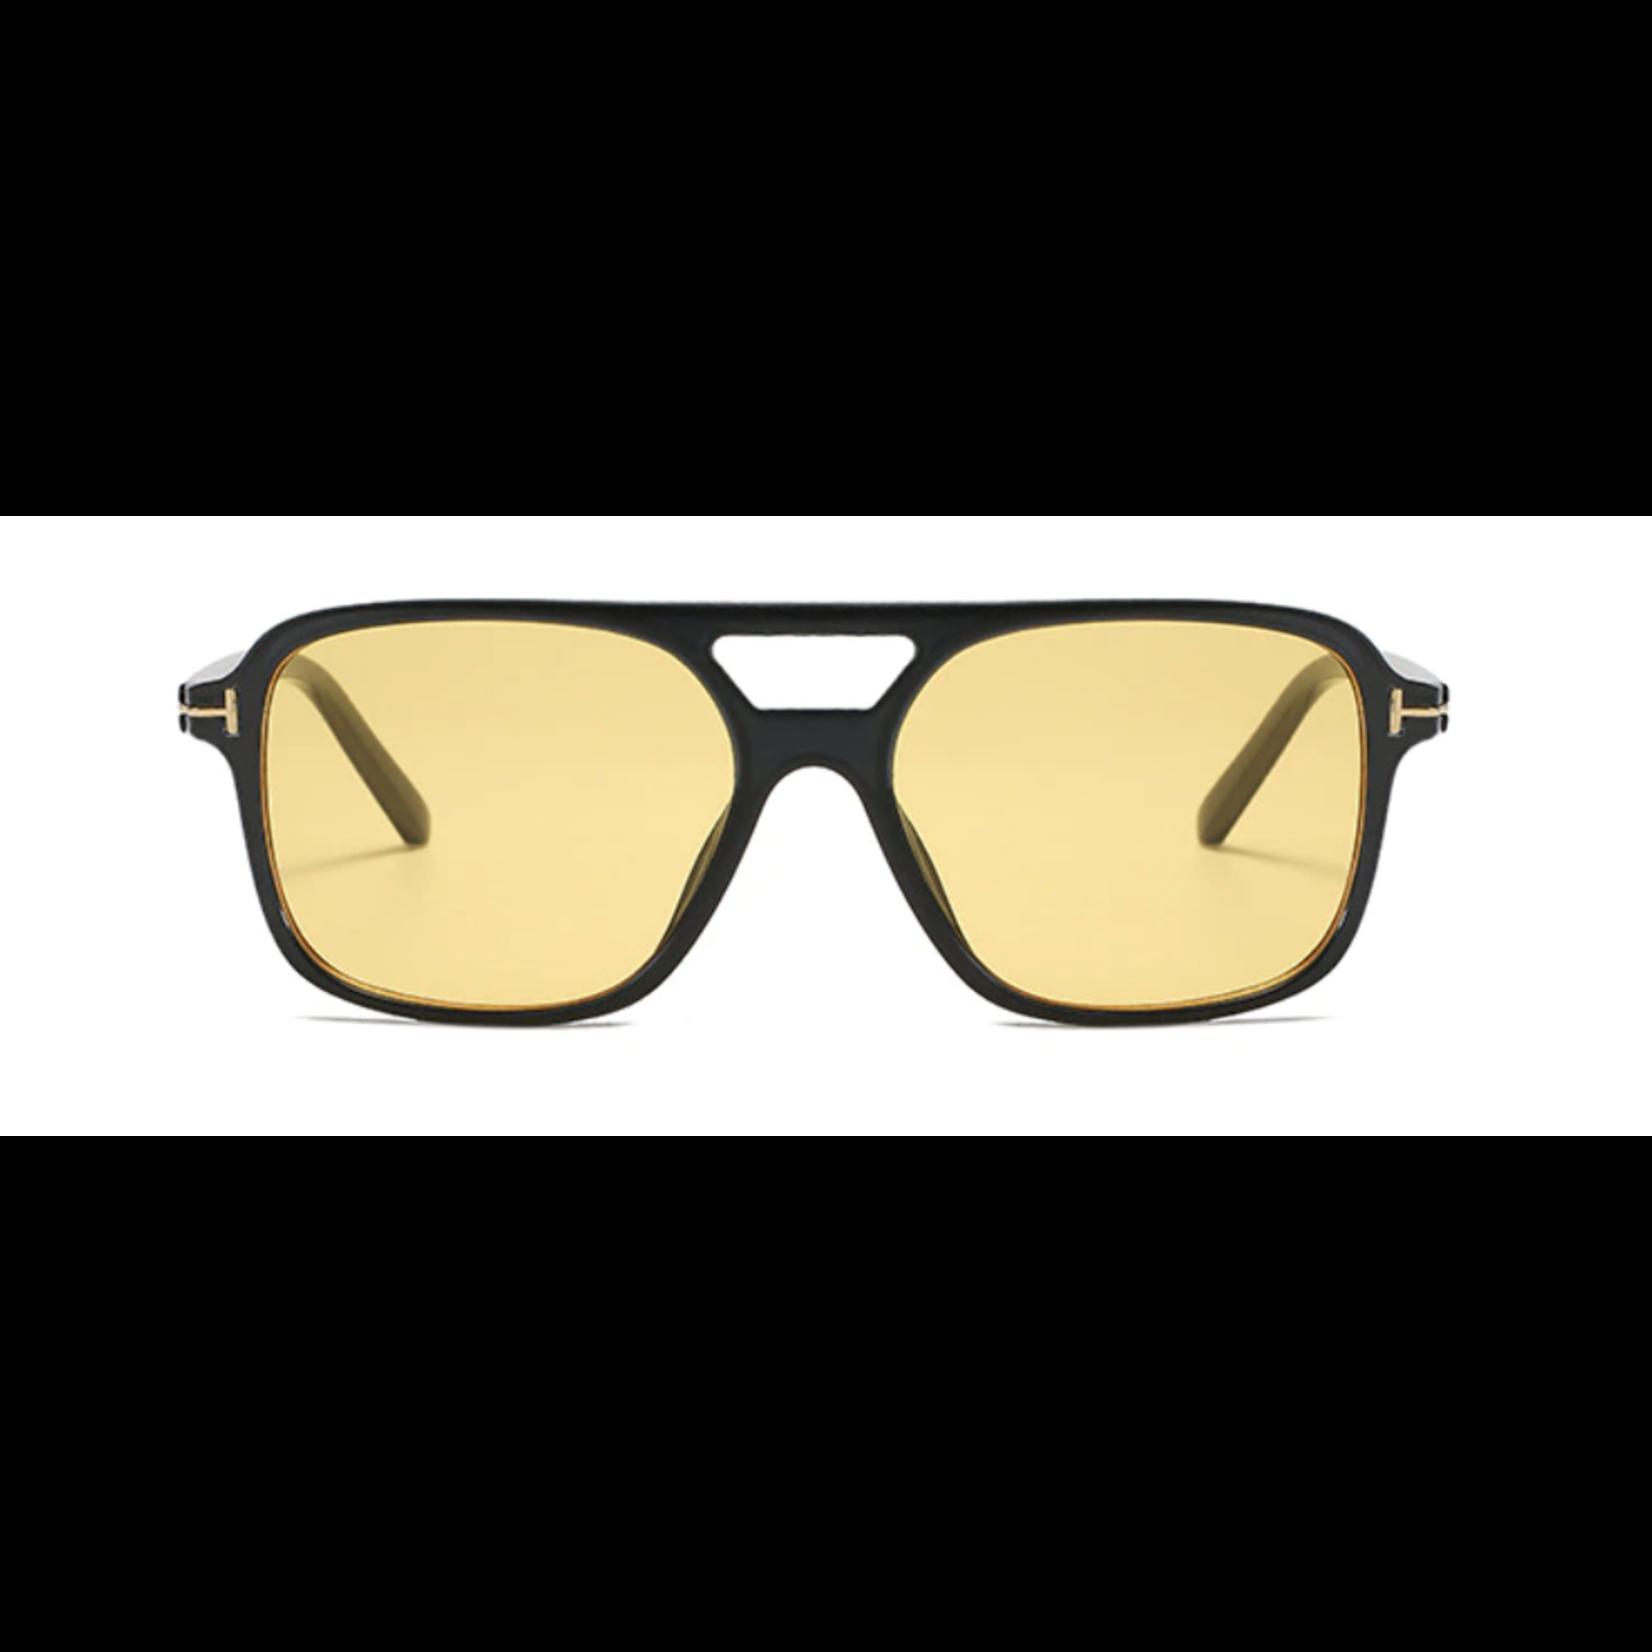 Wyld Blue Aviator Colored Lens Sunglasses